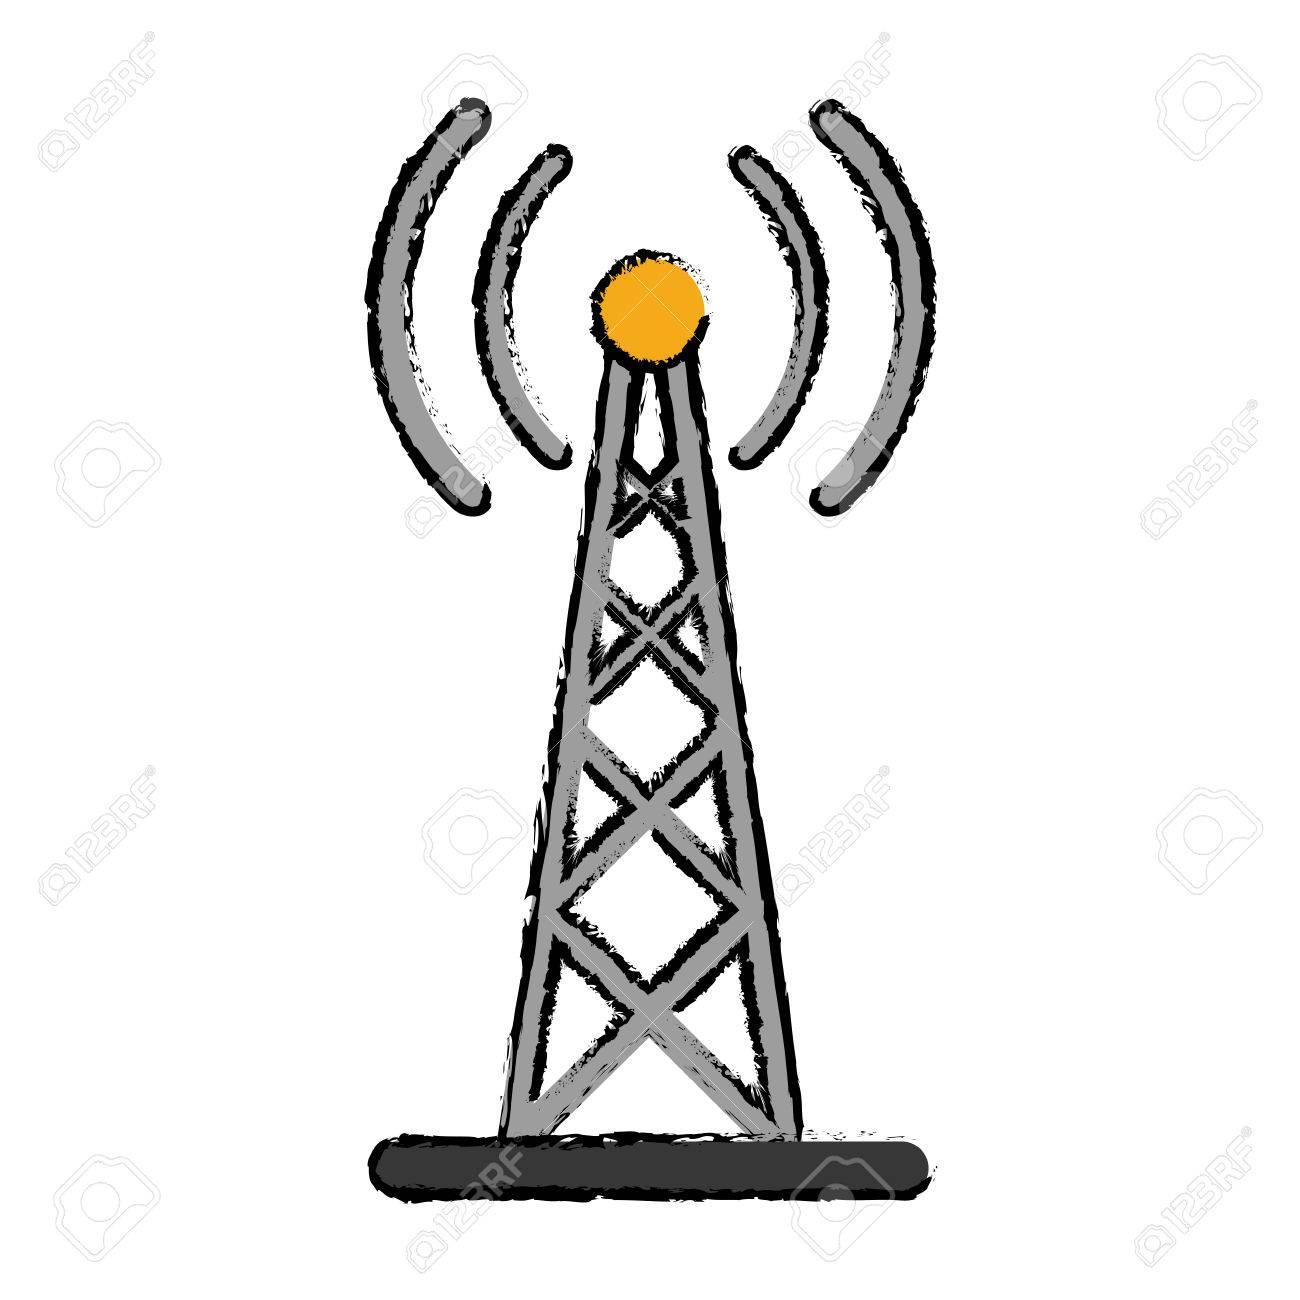 Dibujo Transmisión De Antena De Radio Mástil De Comunicación Ilustración Vectorial